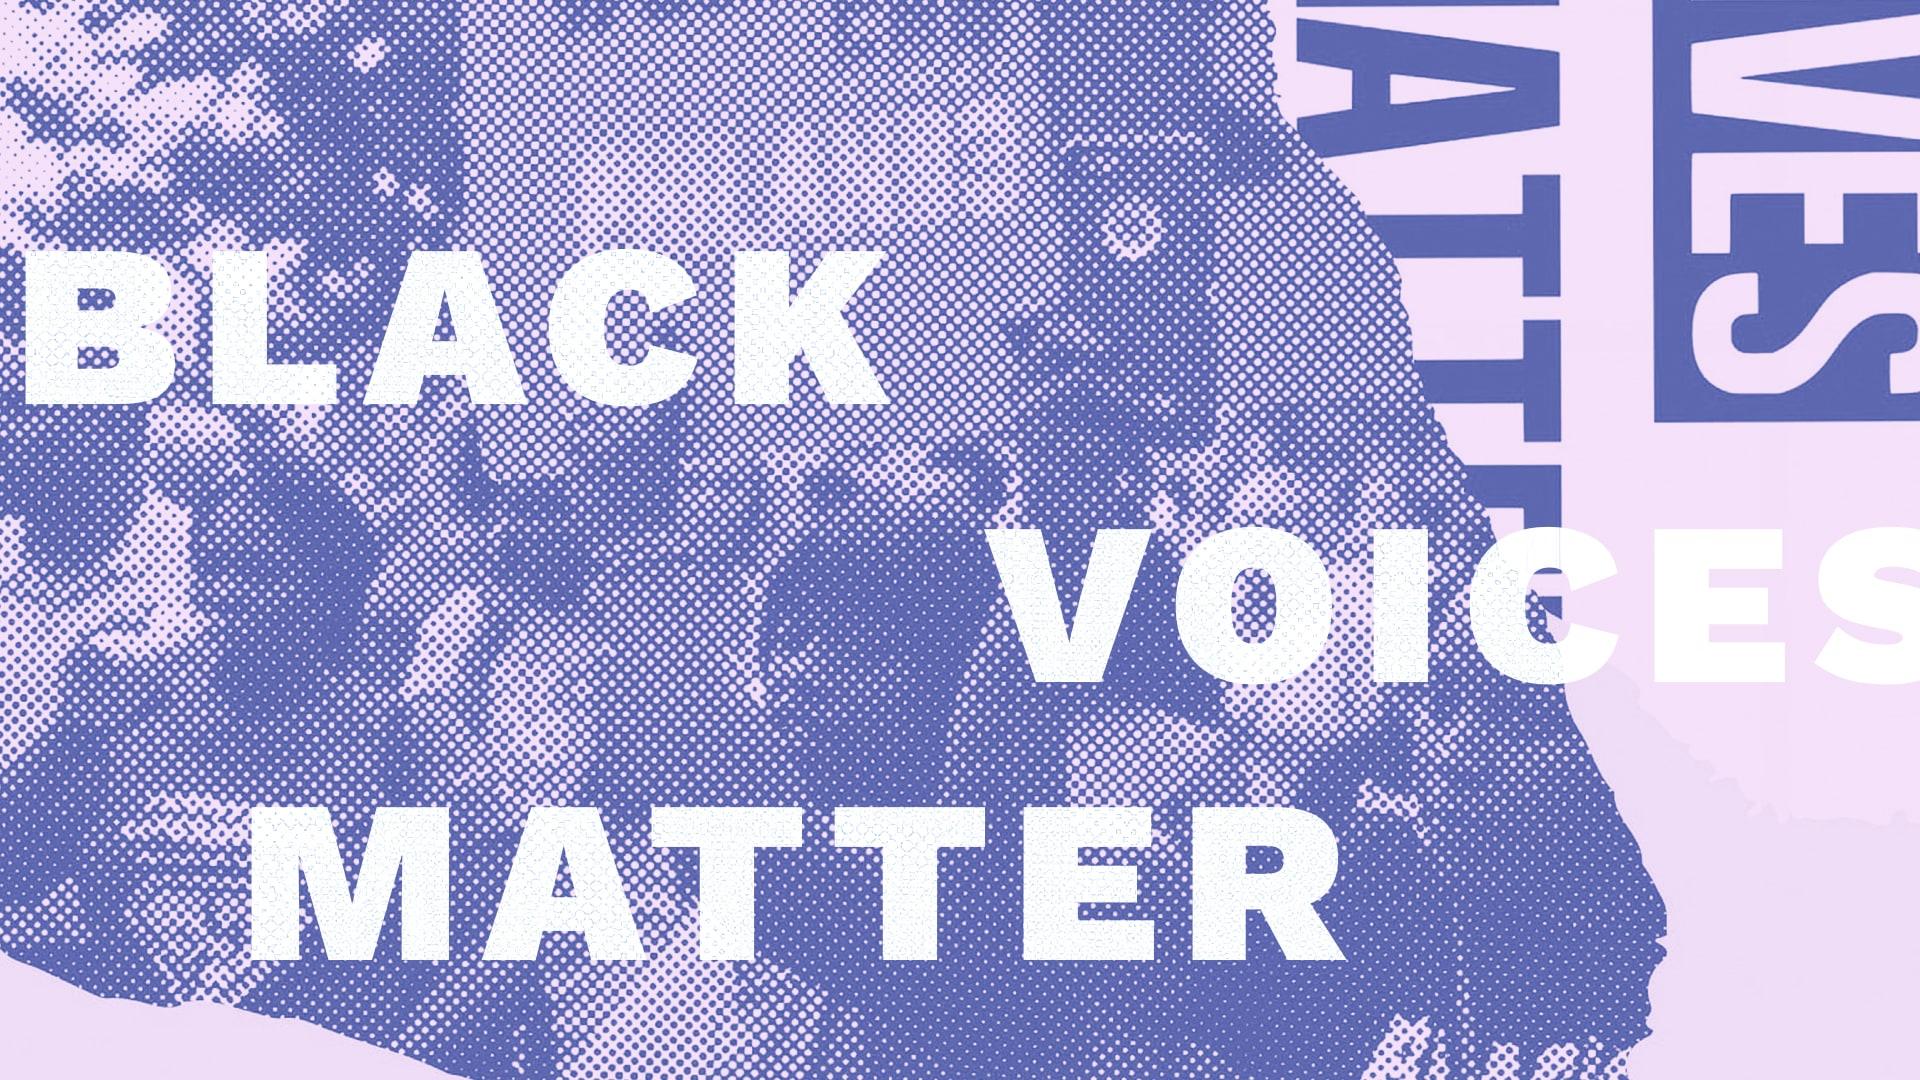 Black Voices Matter Community Poem